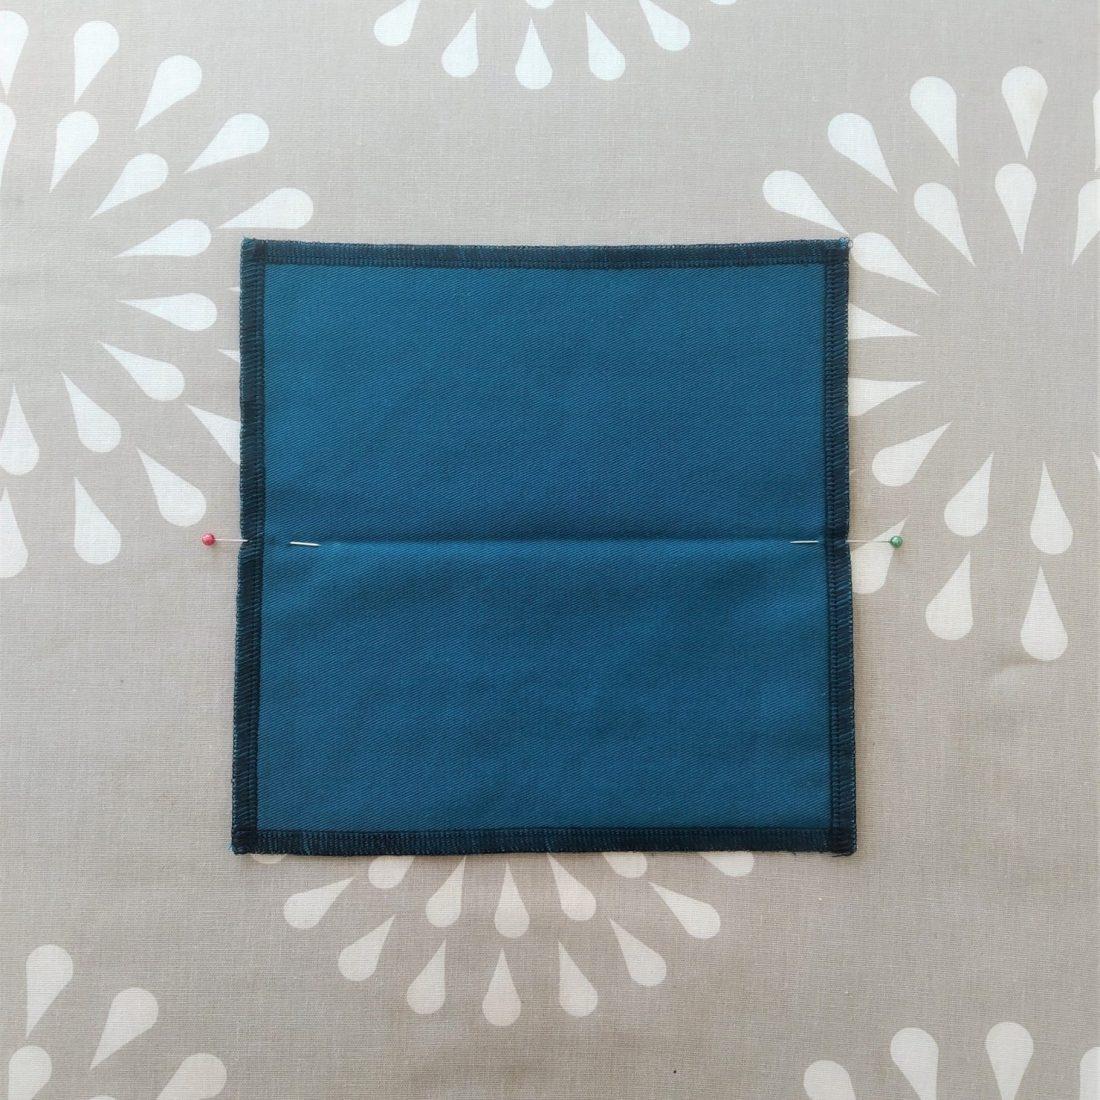 Ouvrez votre carré. Placez si besoin des aiguilles pour bien voir le milieu du carré.